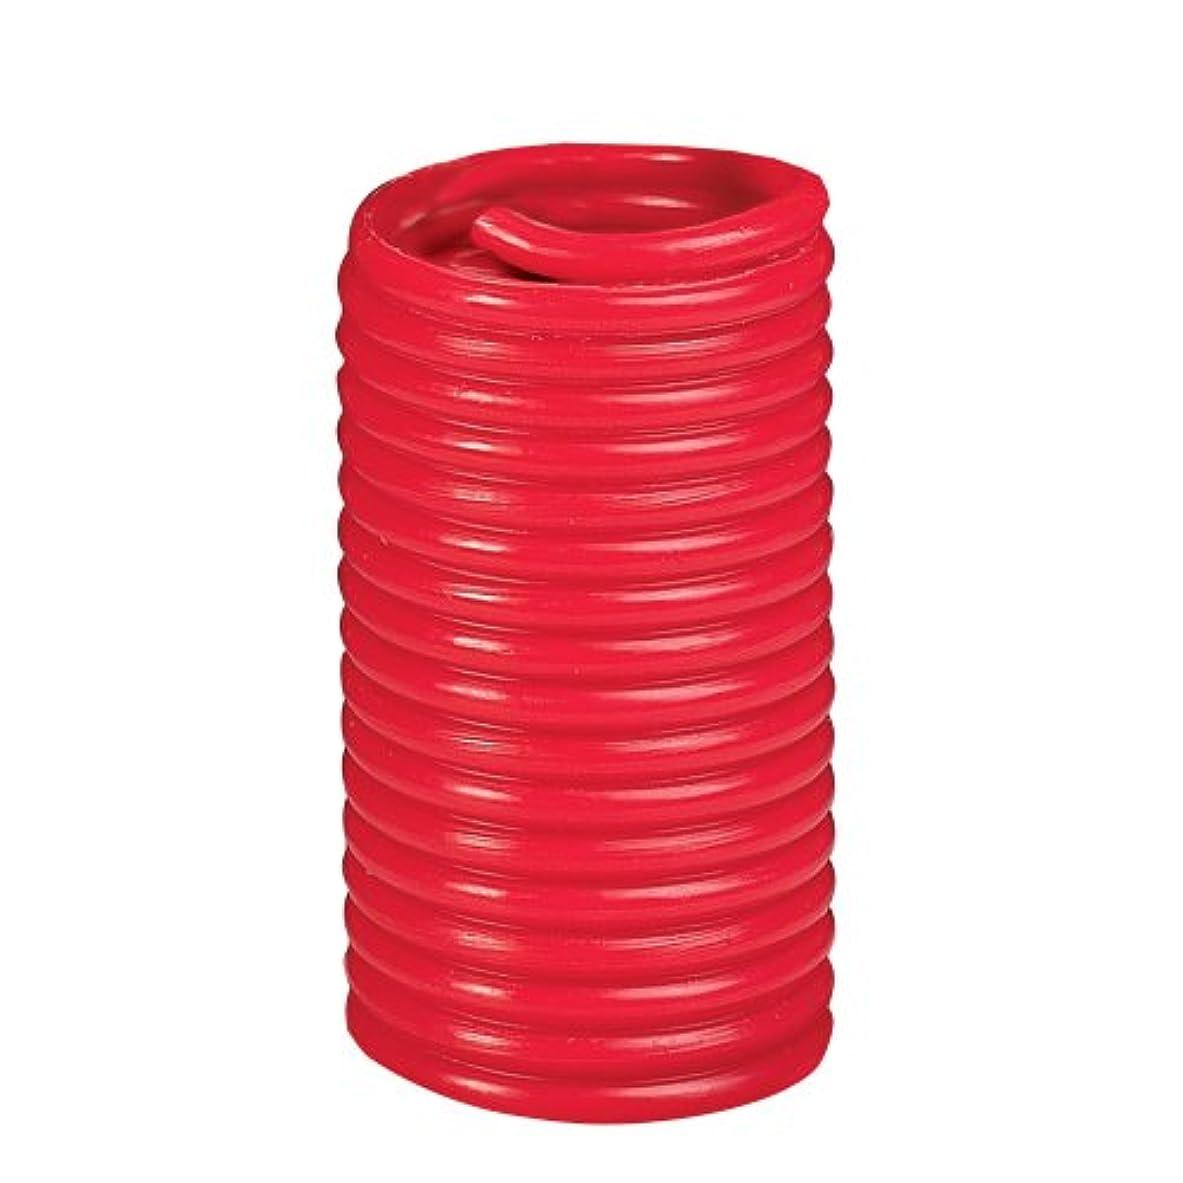 ガレージ物理レベル(Refill, Red Candle) - Candle by the Hour 80-Hour Candle Refill, Red